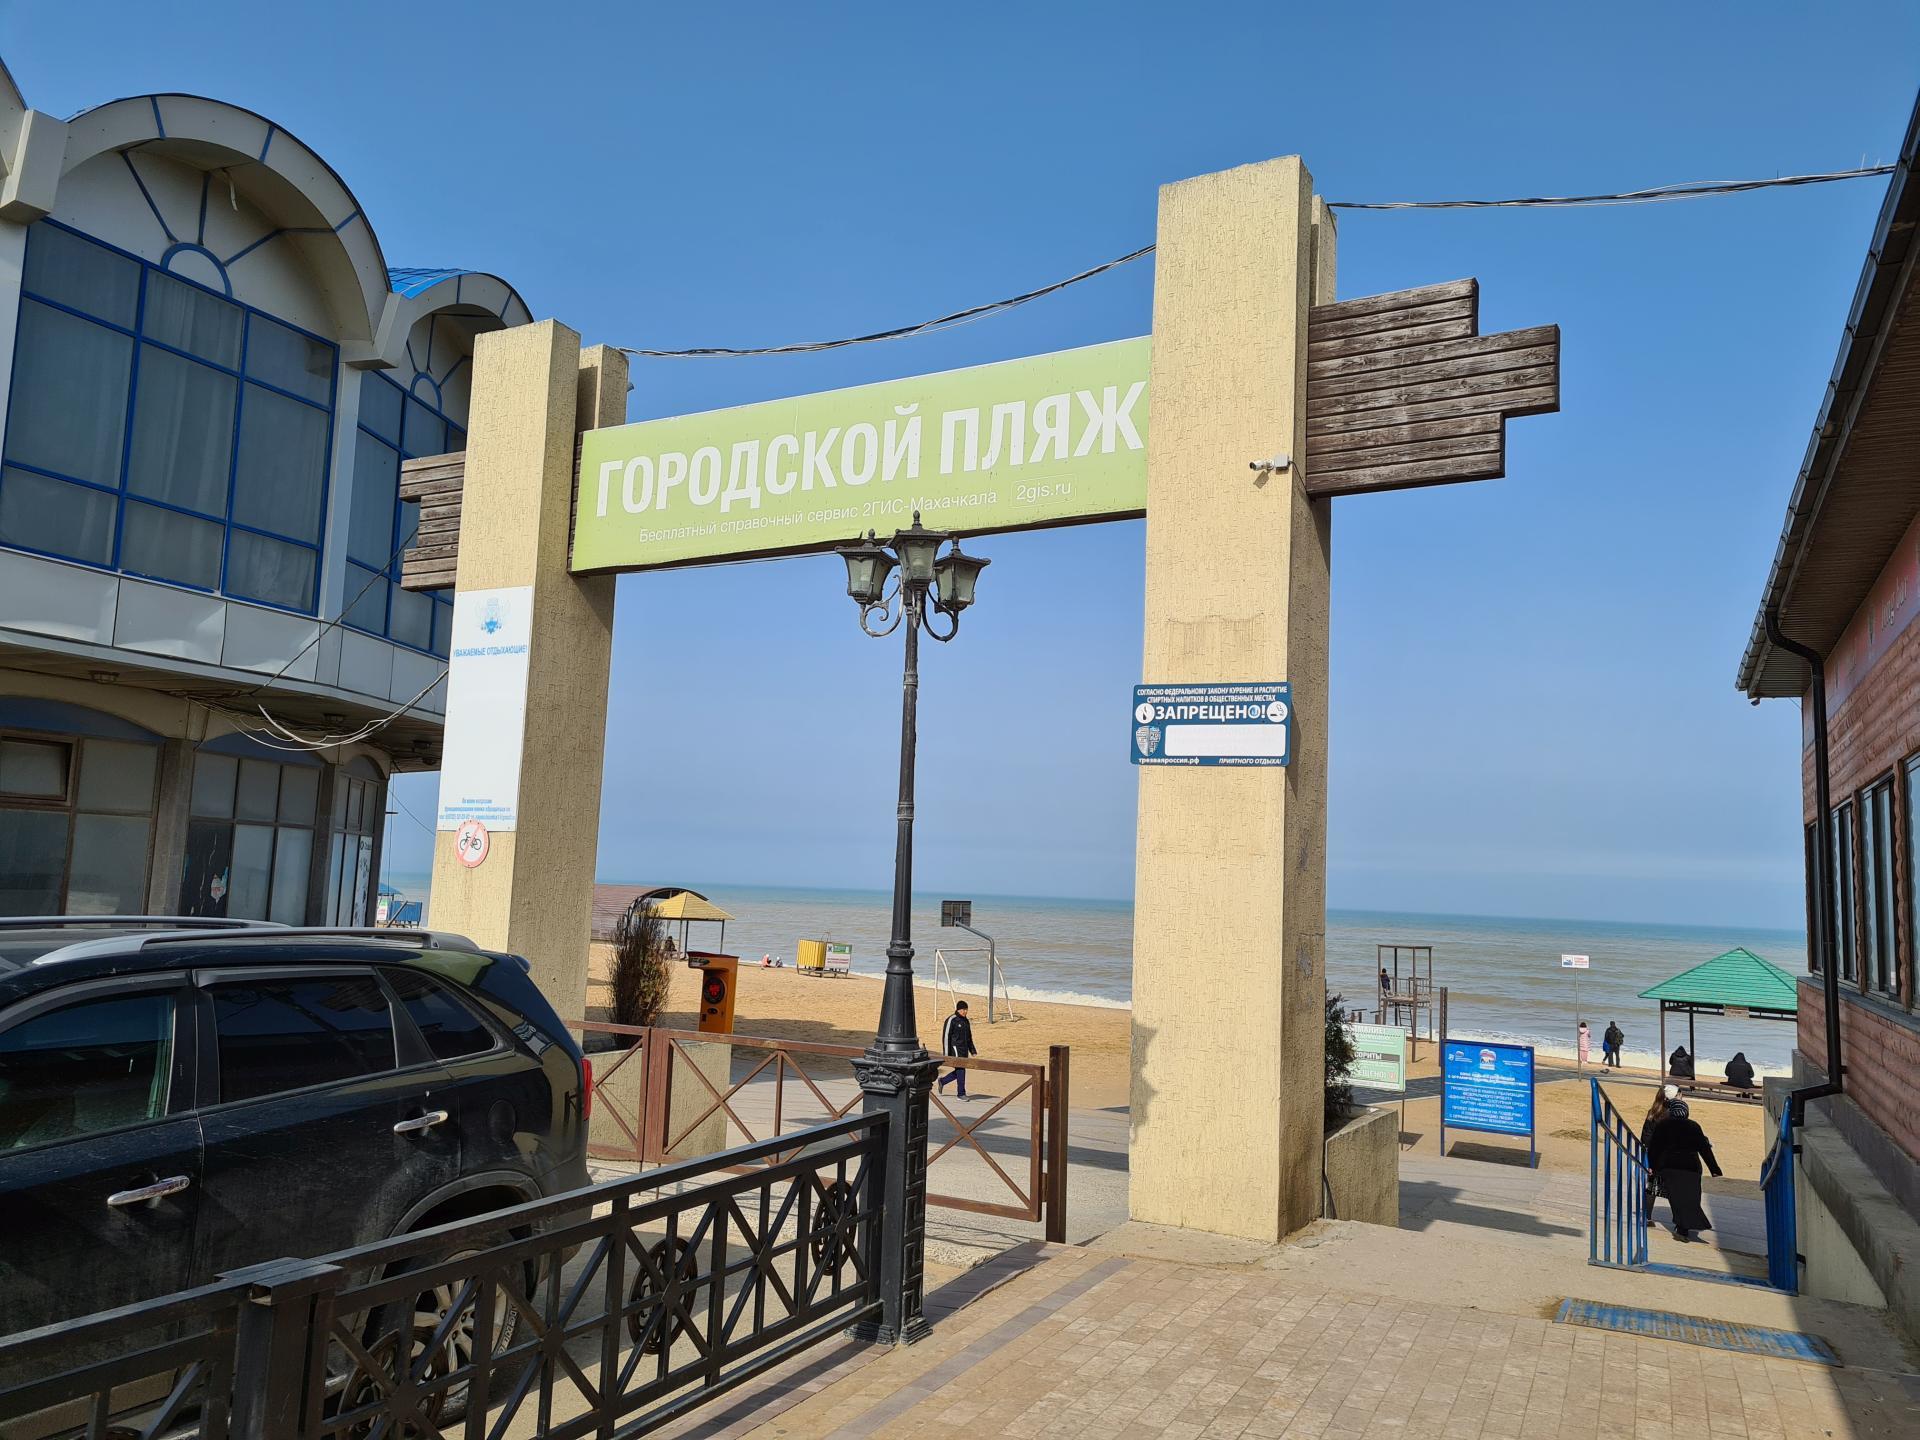 вход на городской пляж Махачкалы